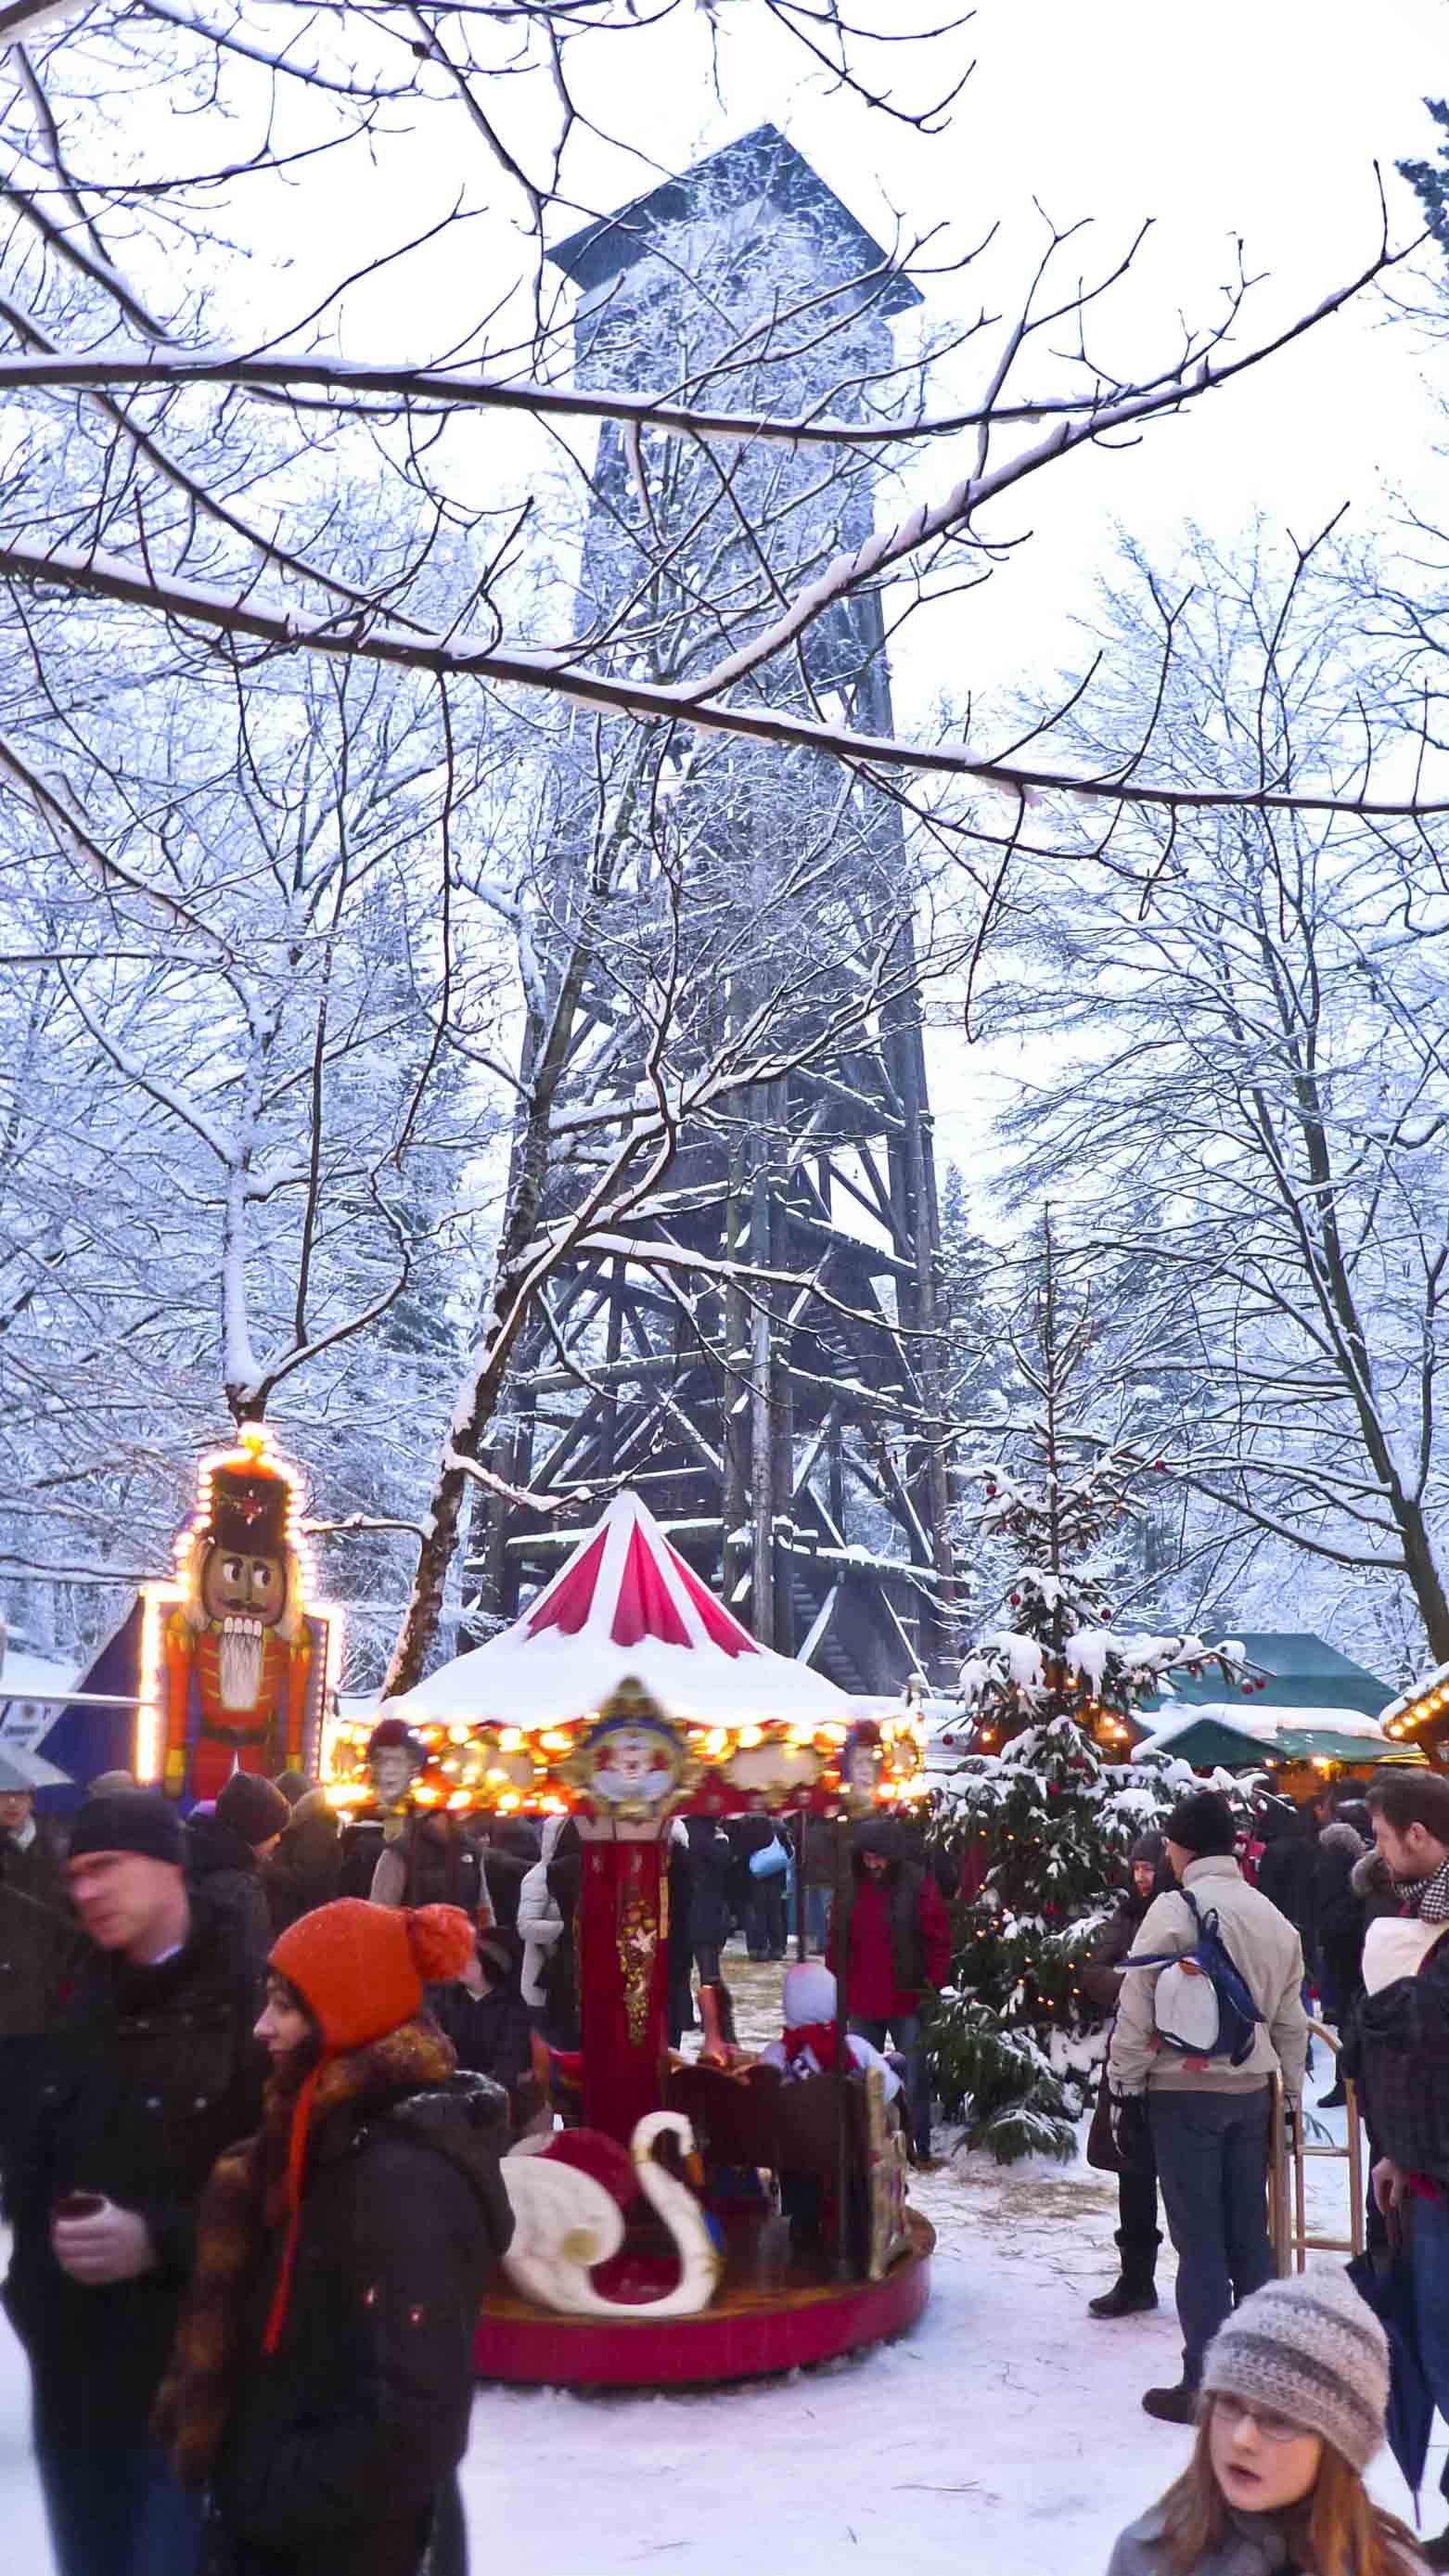 Goetheturm Frankfurt Weihnachtsmarkt.Goetheruh Schmidt Peccolo